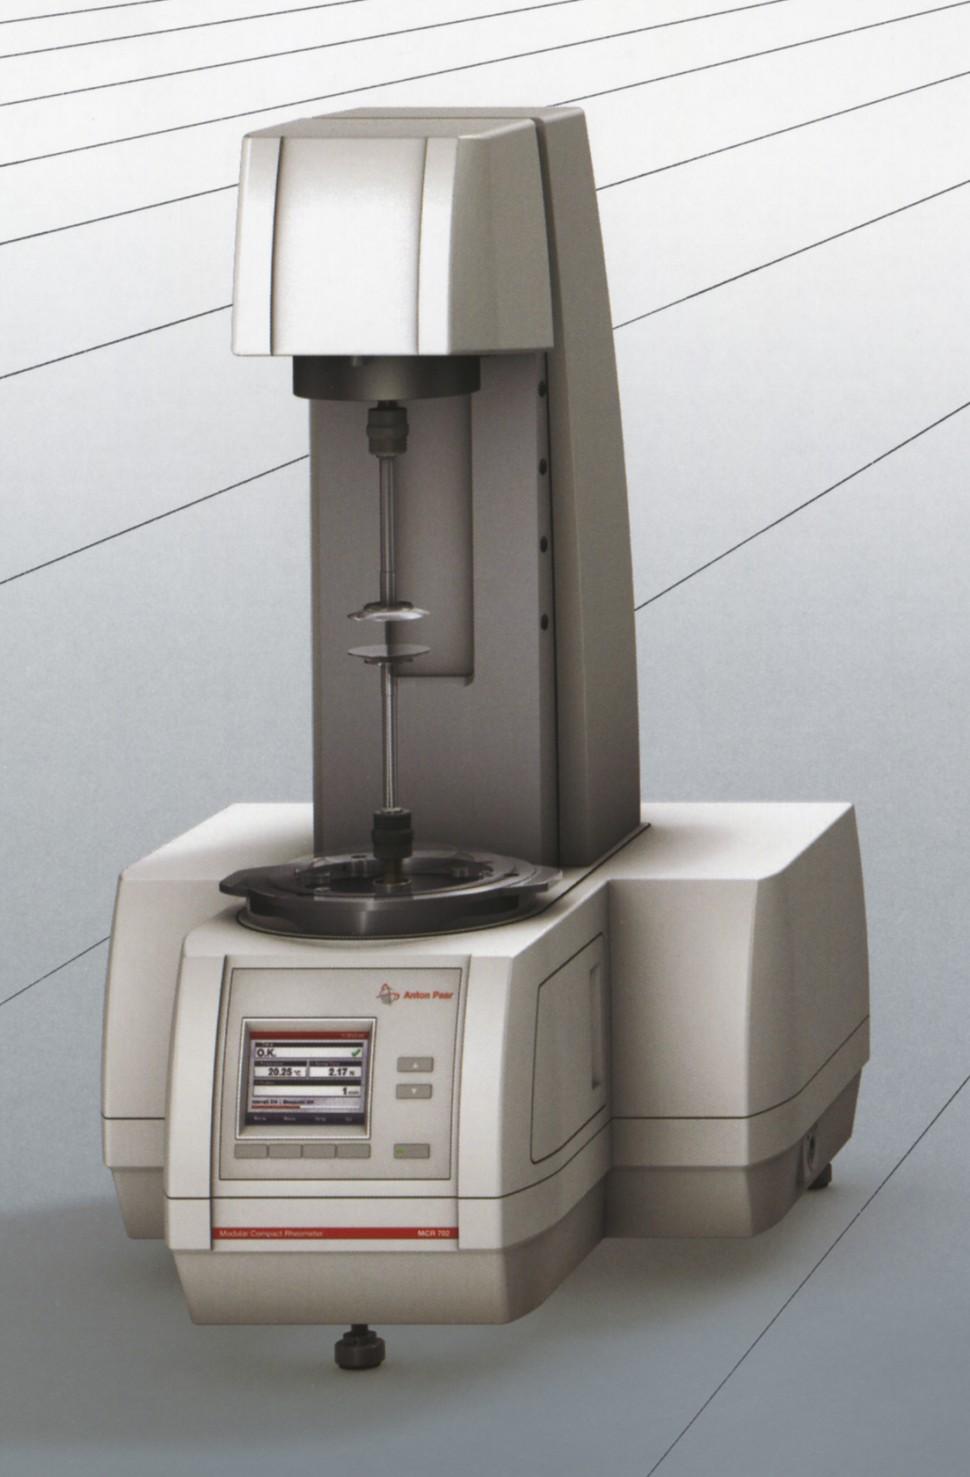 世界初の「ツインドライブレオメータMCR702」